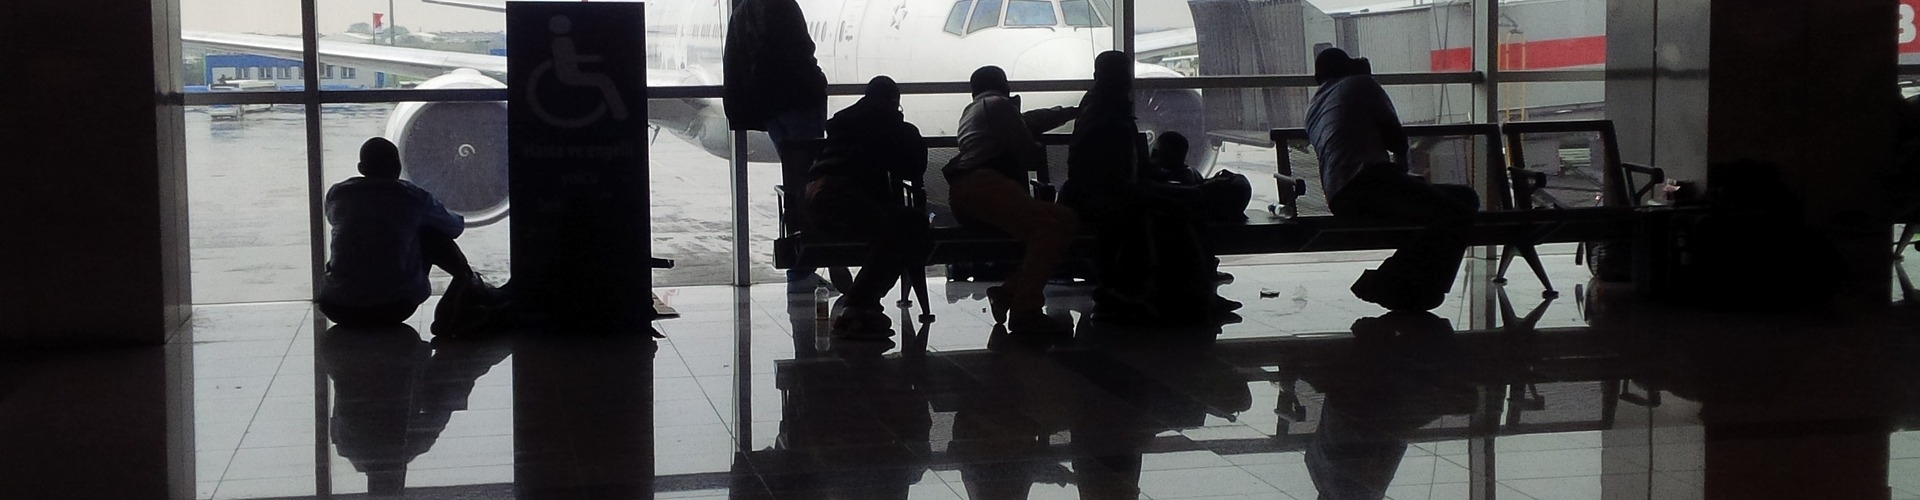 vlucht-vertraagd-weeze-airport-2